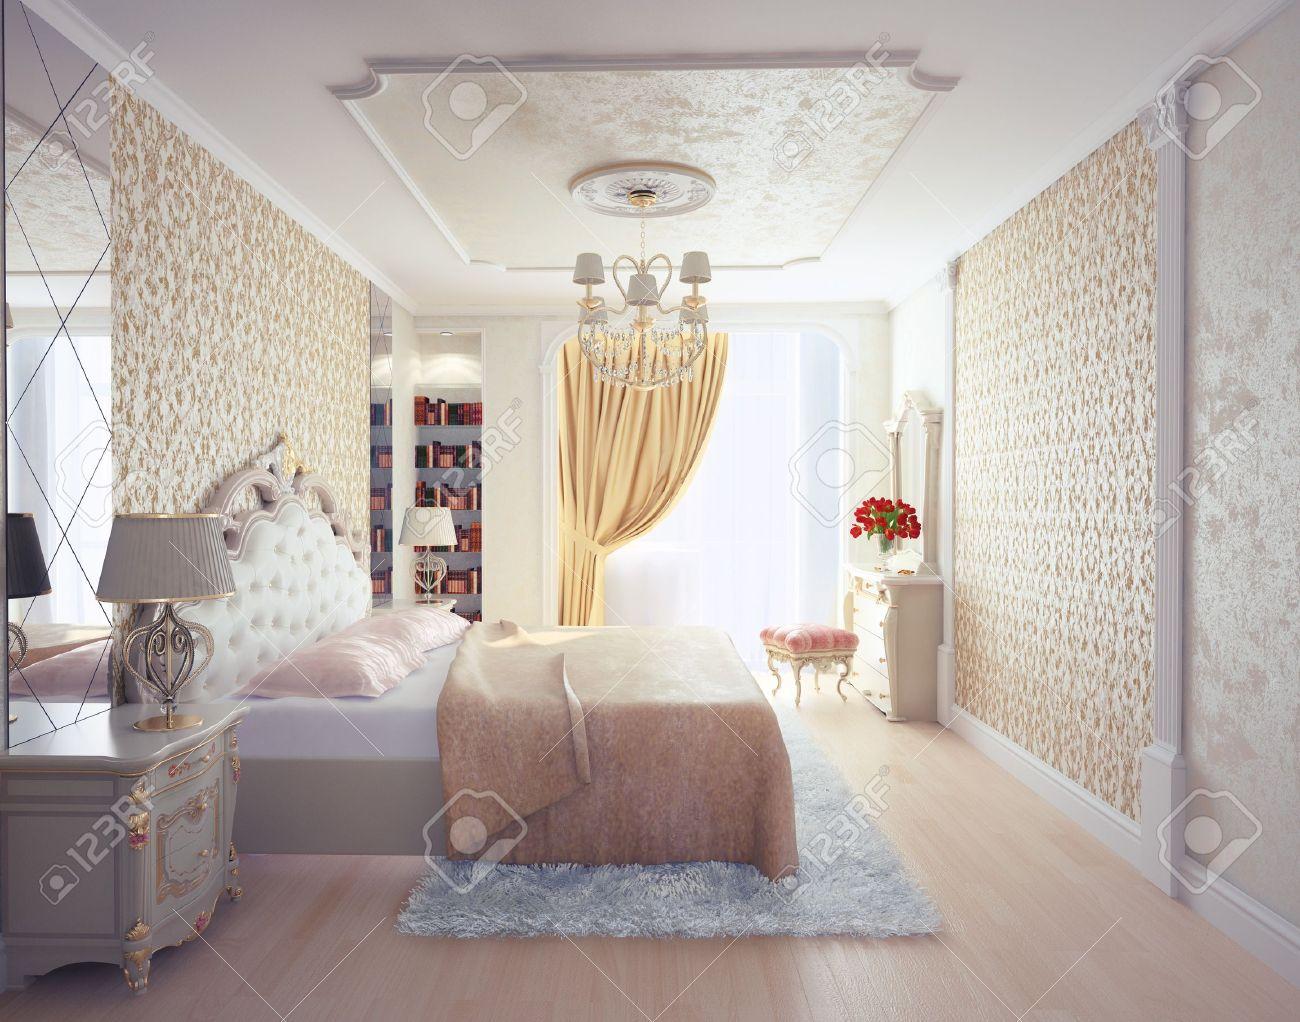 Charmant Banque Du0027images   Chambre à Coucher Moderne Intérieur De Rendu 3D De Luxe